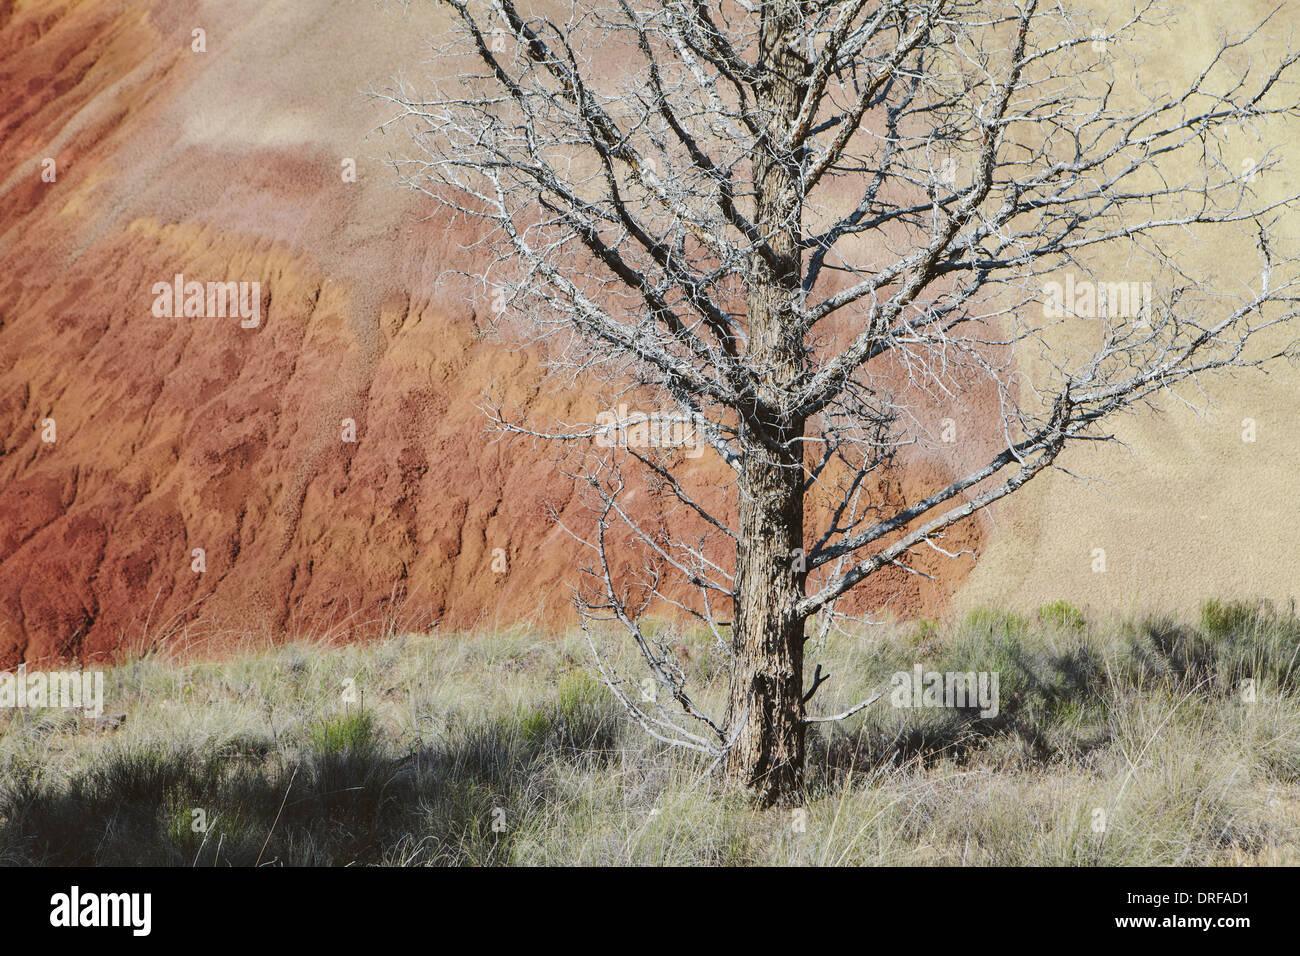 Oregon USA a nudo albero tra vulcanica paesaggio geologico Immagini Stock